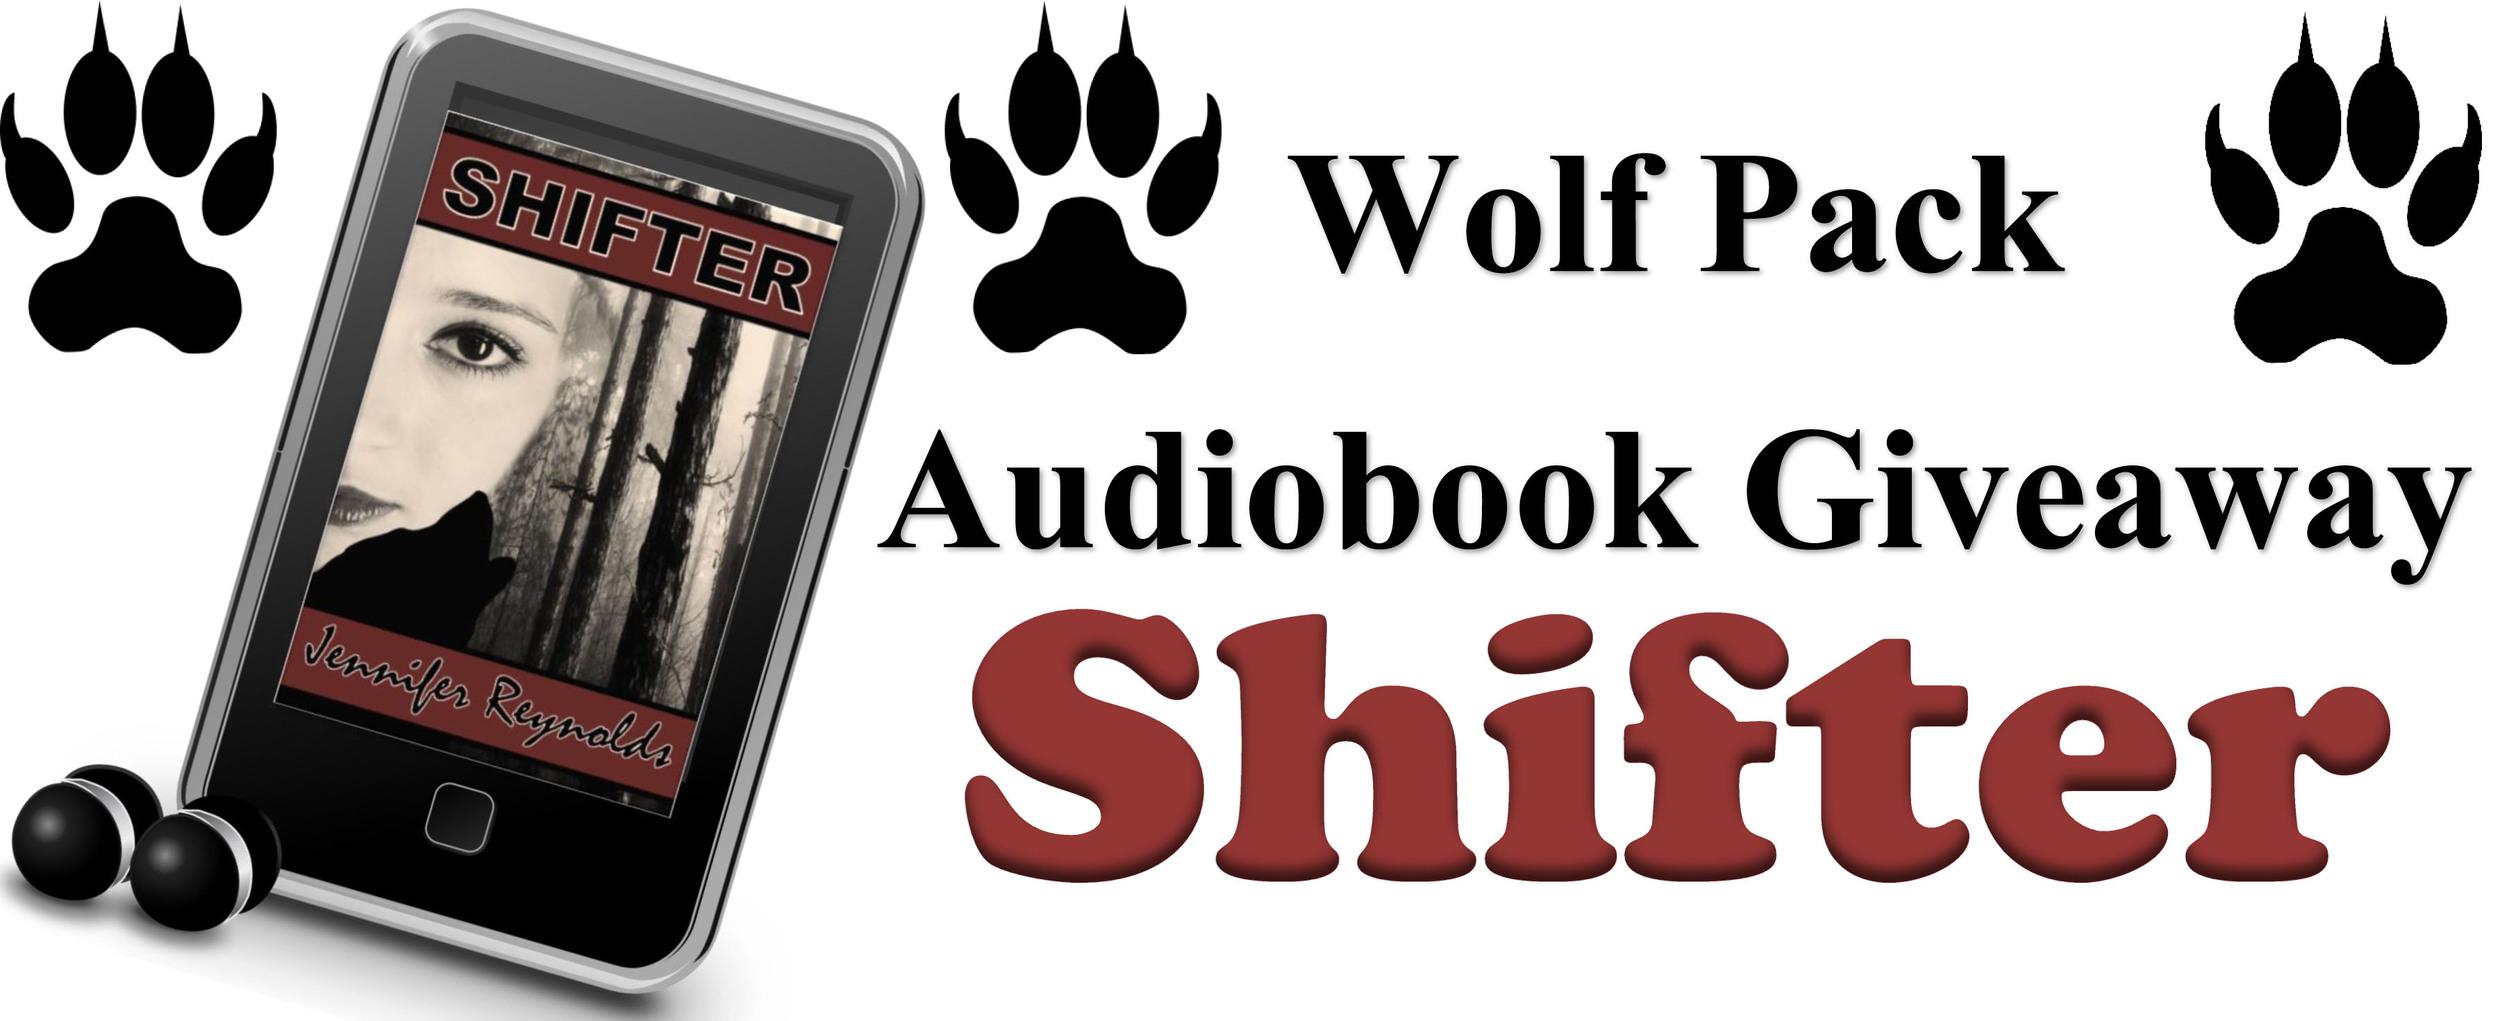 Shifter Wolf Pack1.jpg